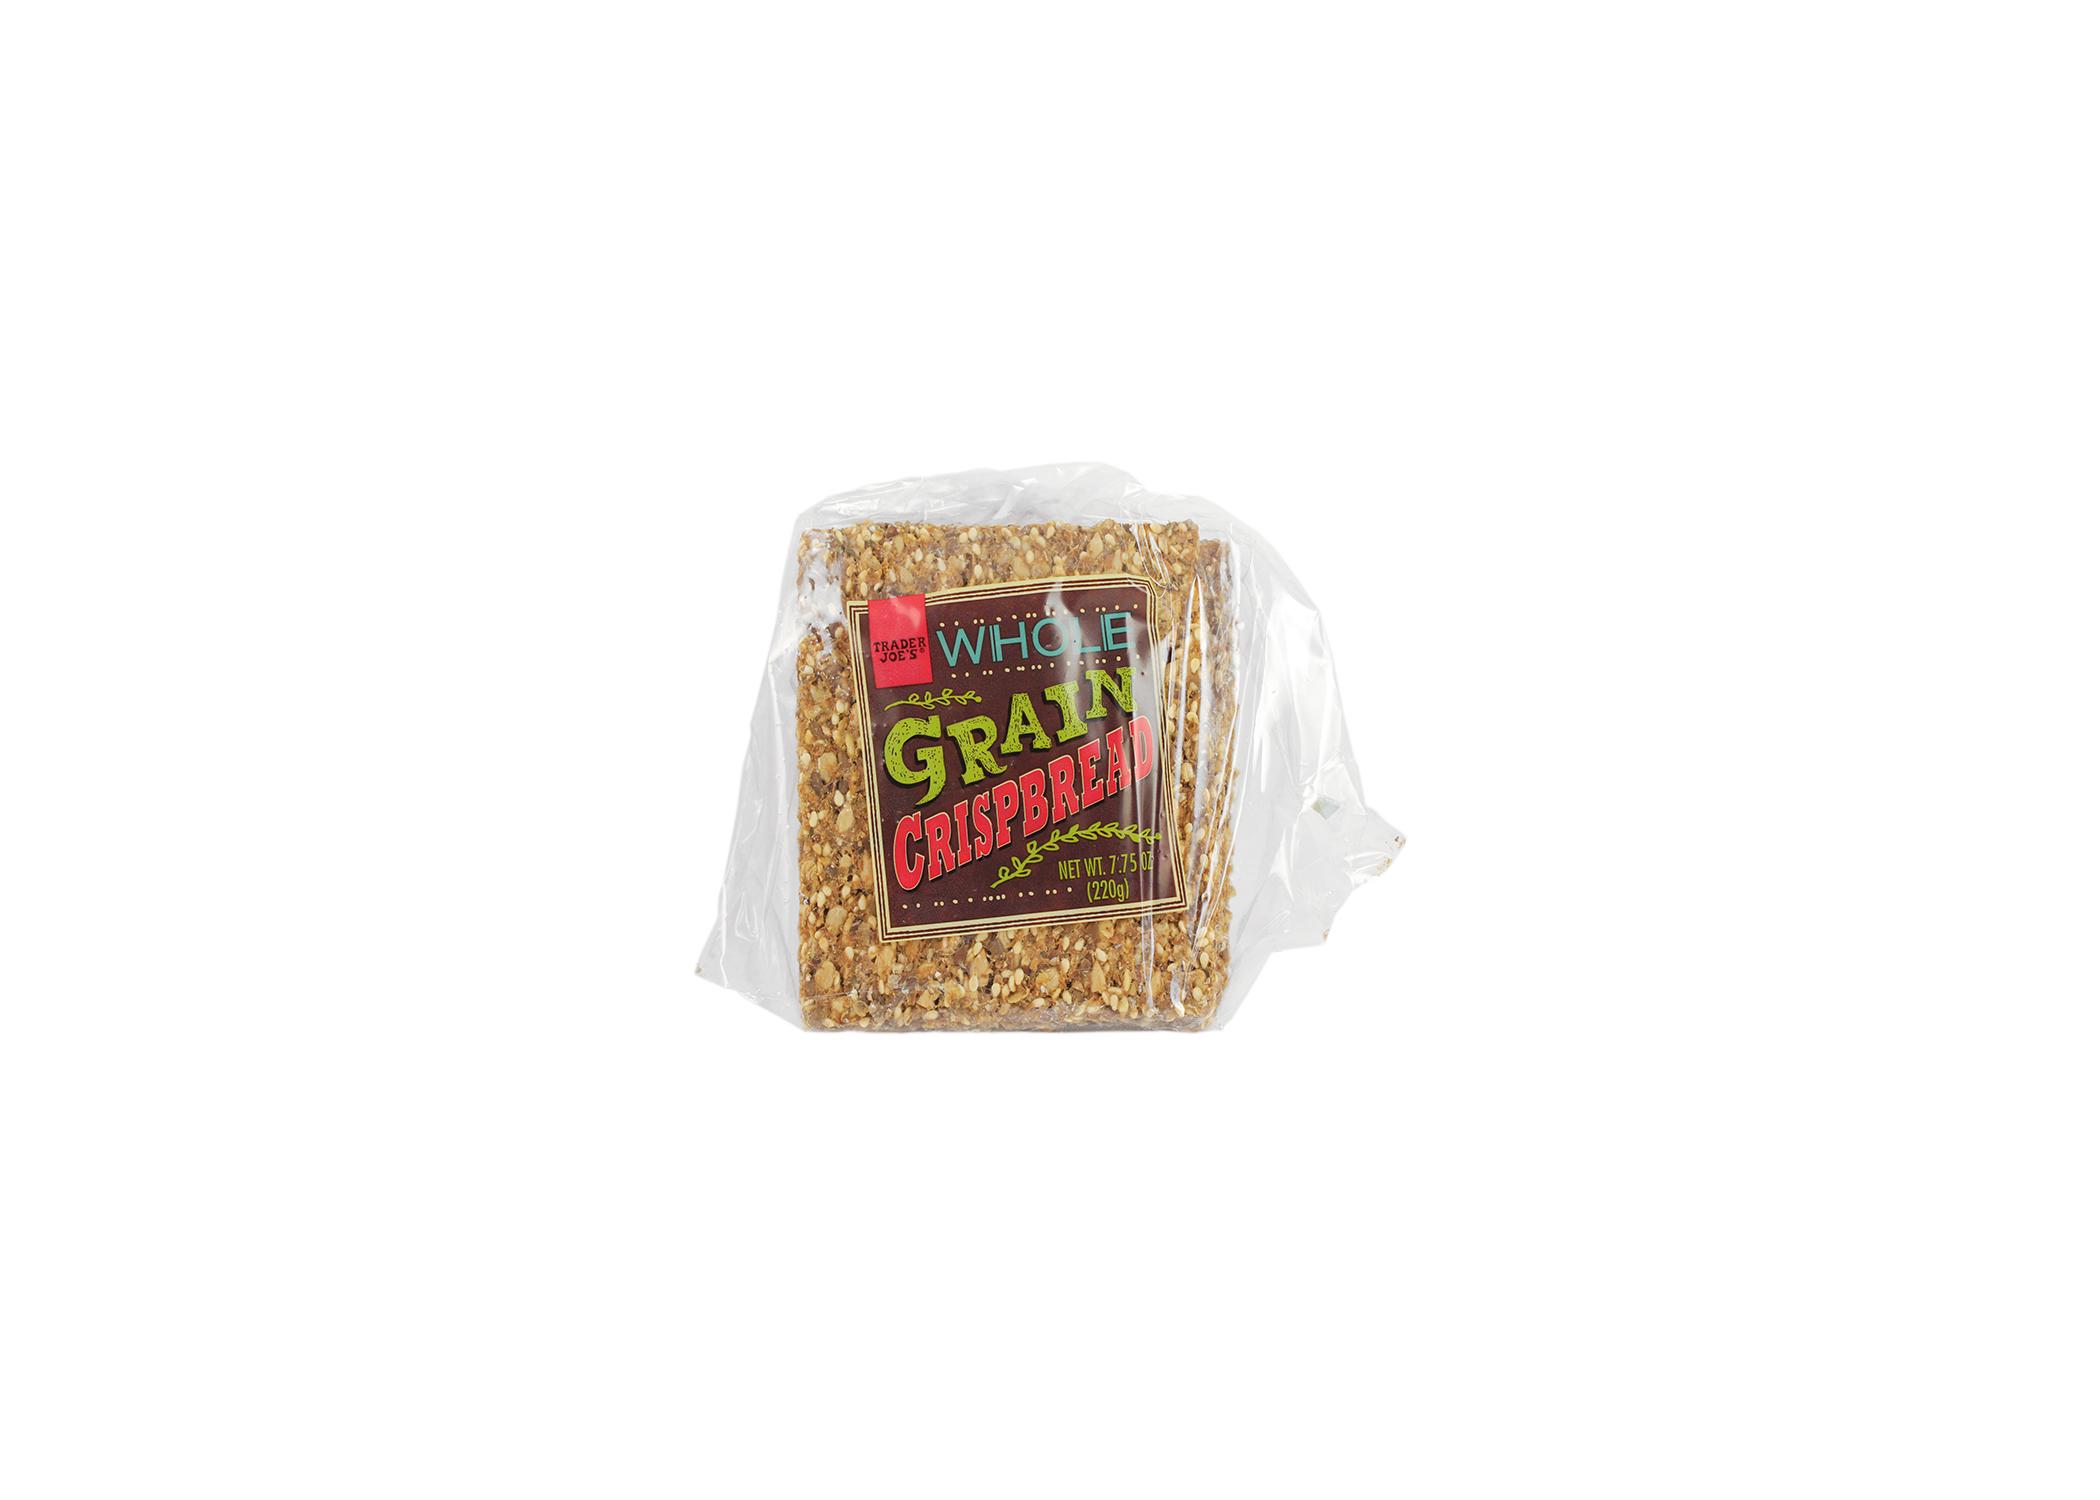 Trader Joe's Crisp Bread